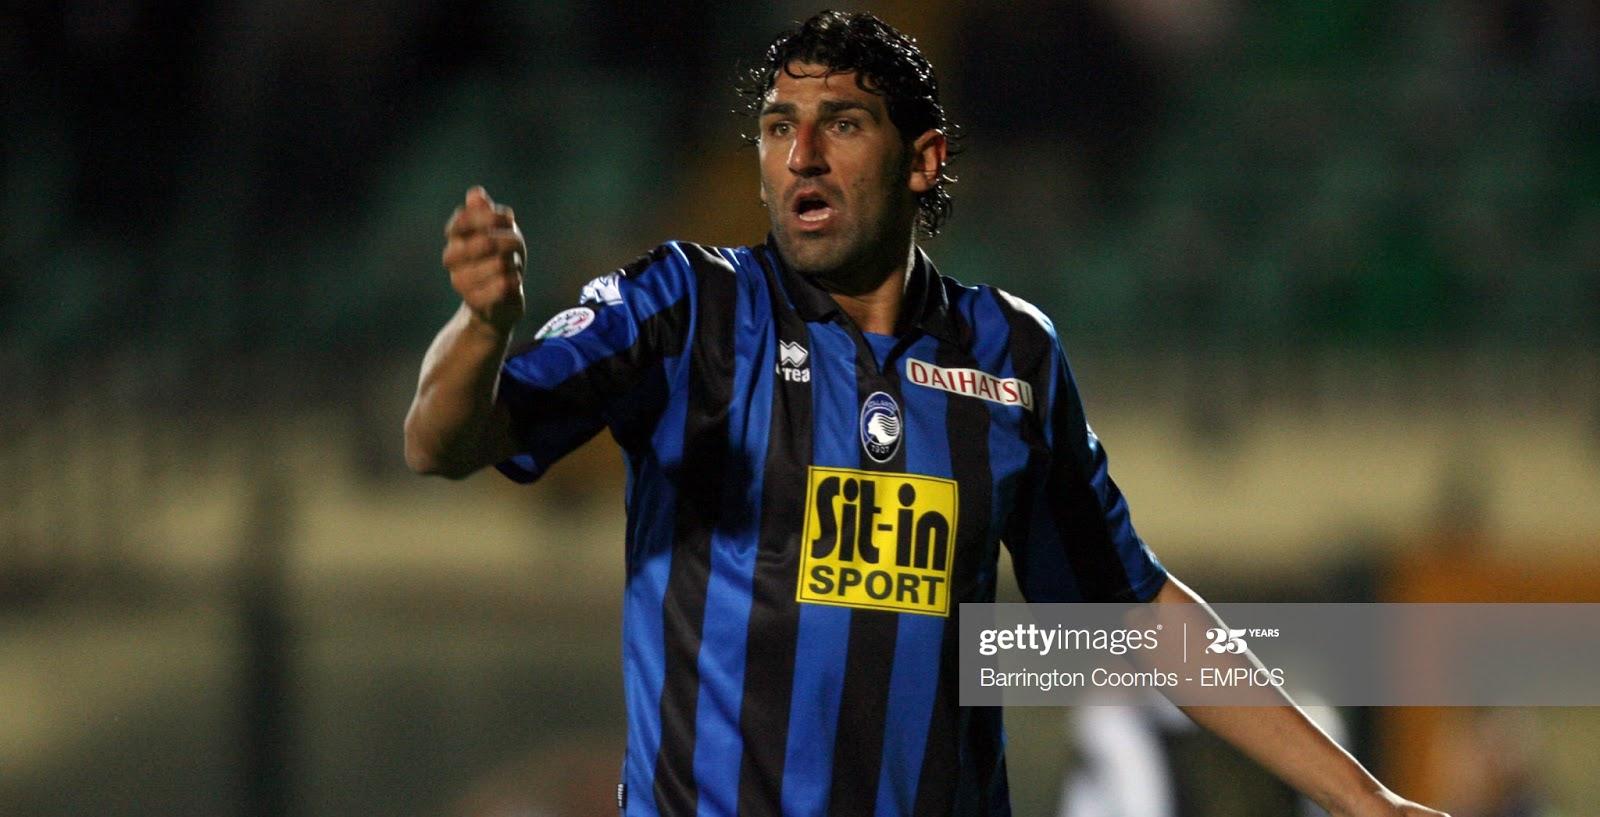 Intervista a Moris Carrozzieri, ex difensore di Palermo e ...